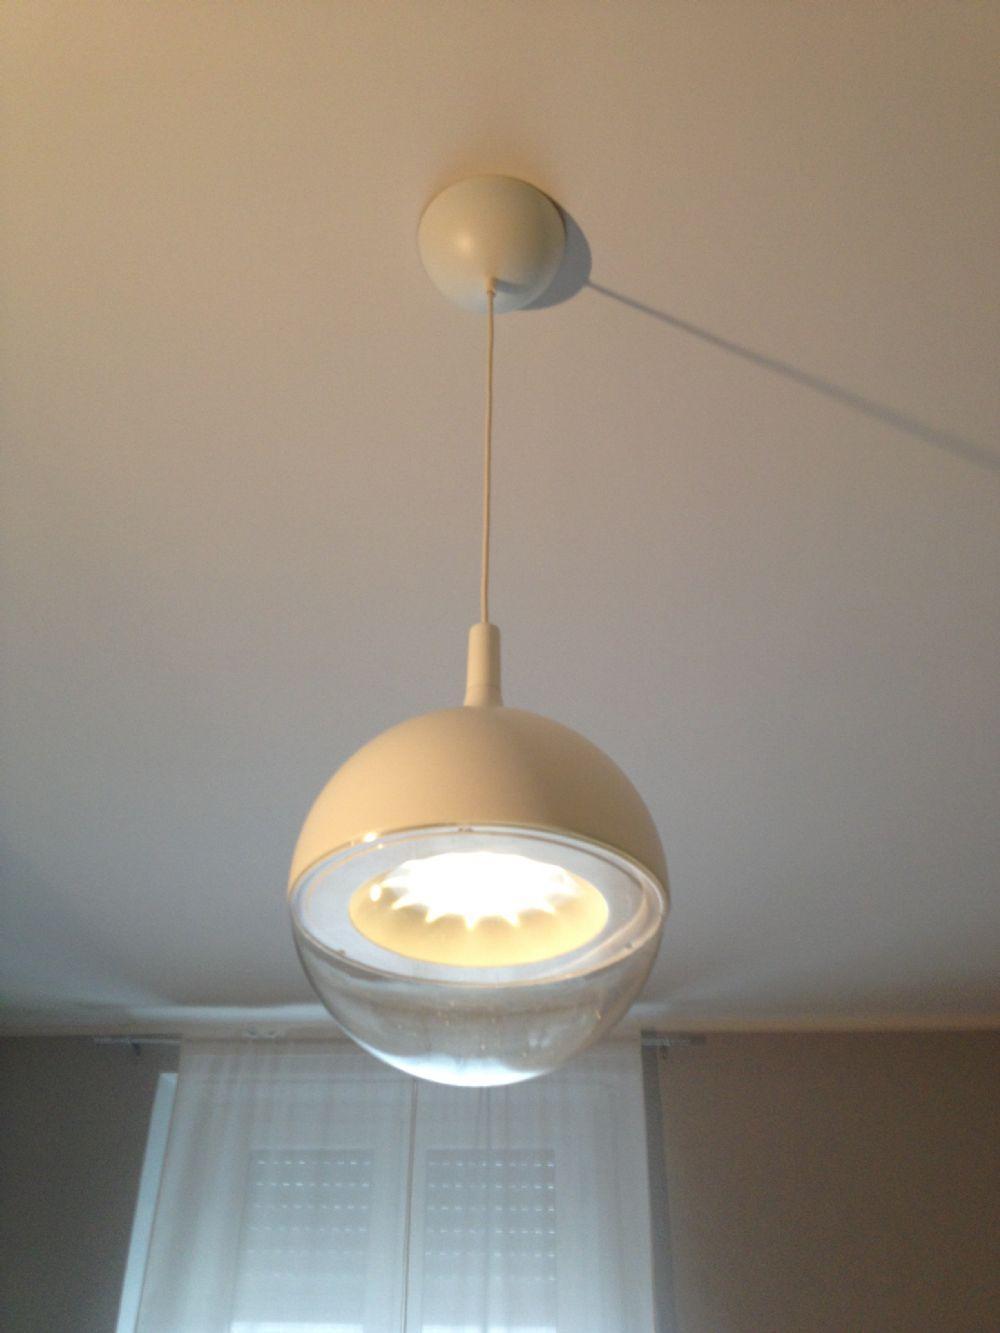 Baratto scambio lampada led ikea arredamento for Complementi d arredo torino